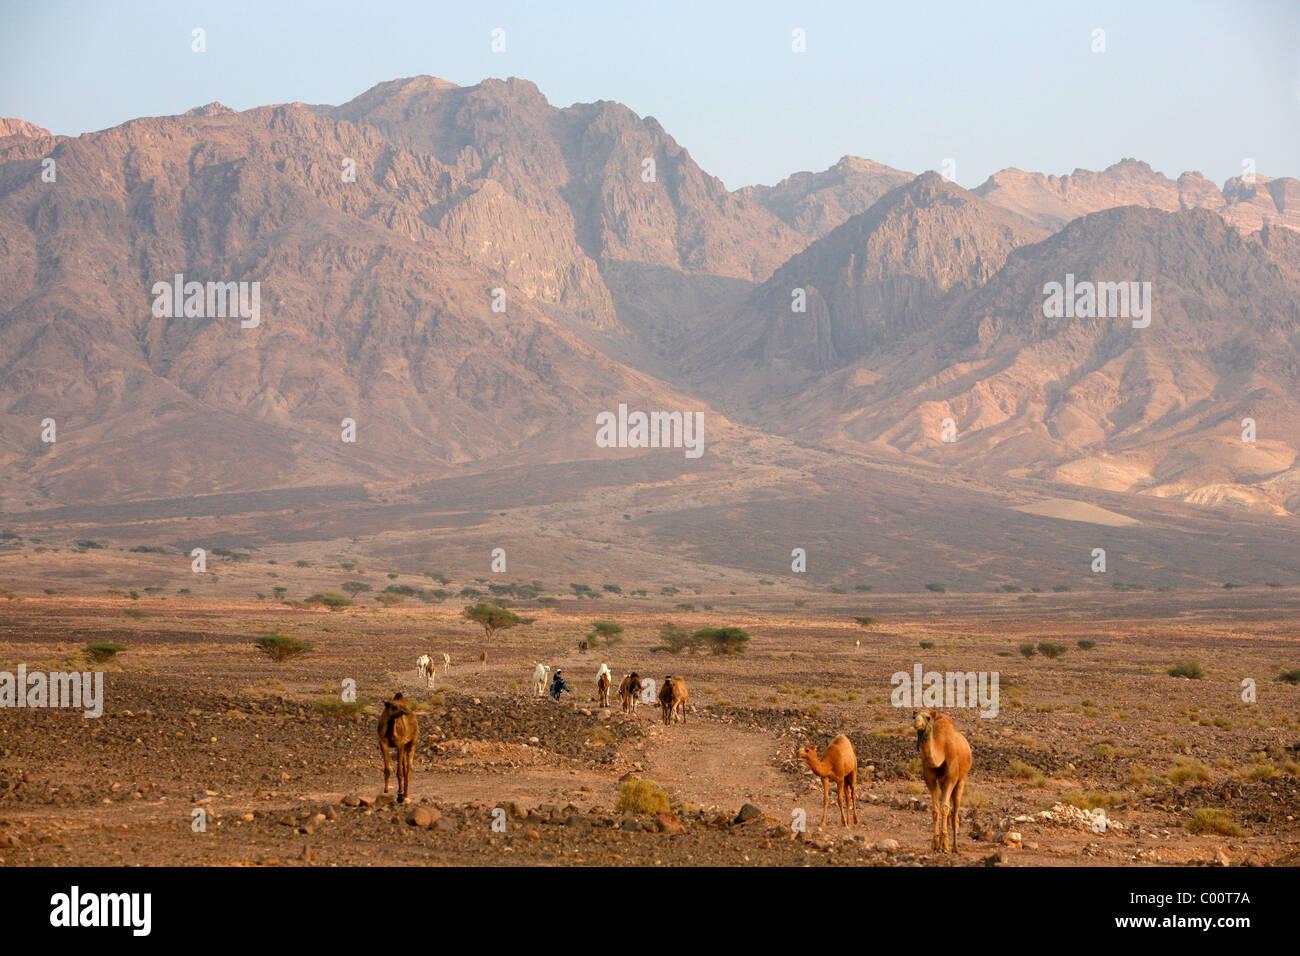 Camels in Wadi Araba, Jordan. - Stock Image